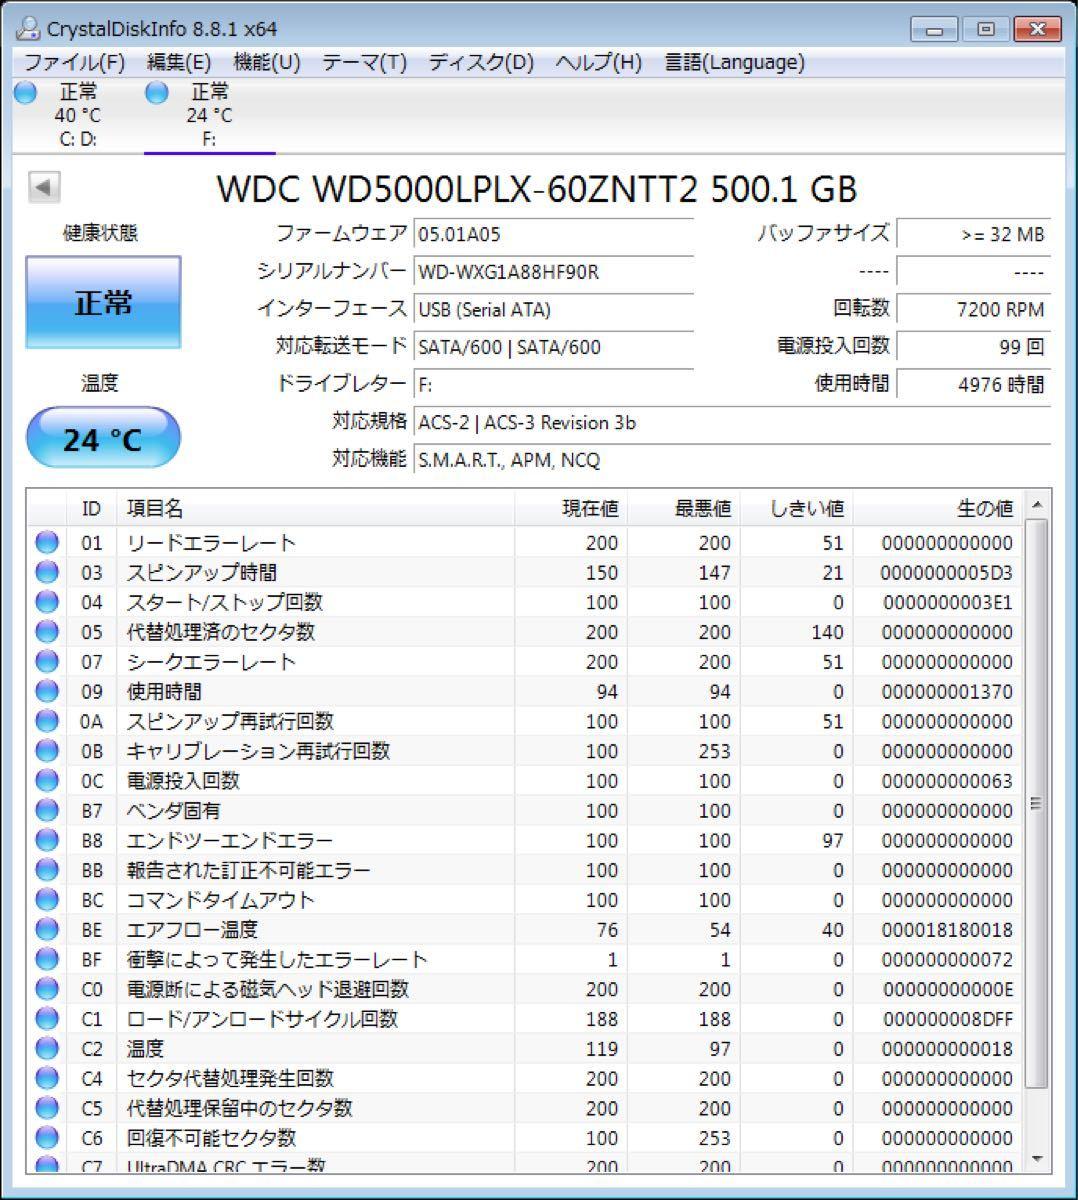 ポータブル HDD 500GB ハードディスク 外付け 320GB 上 1TB下